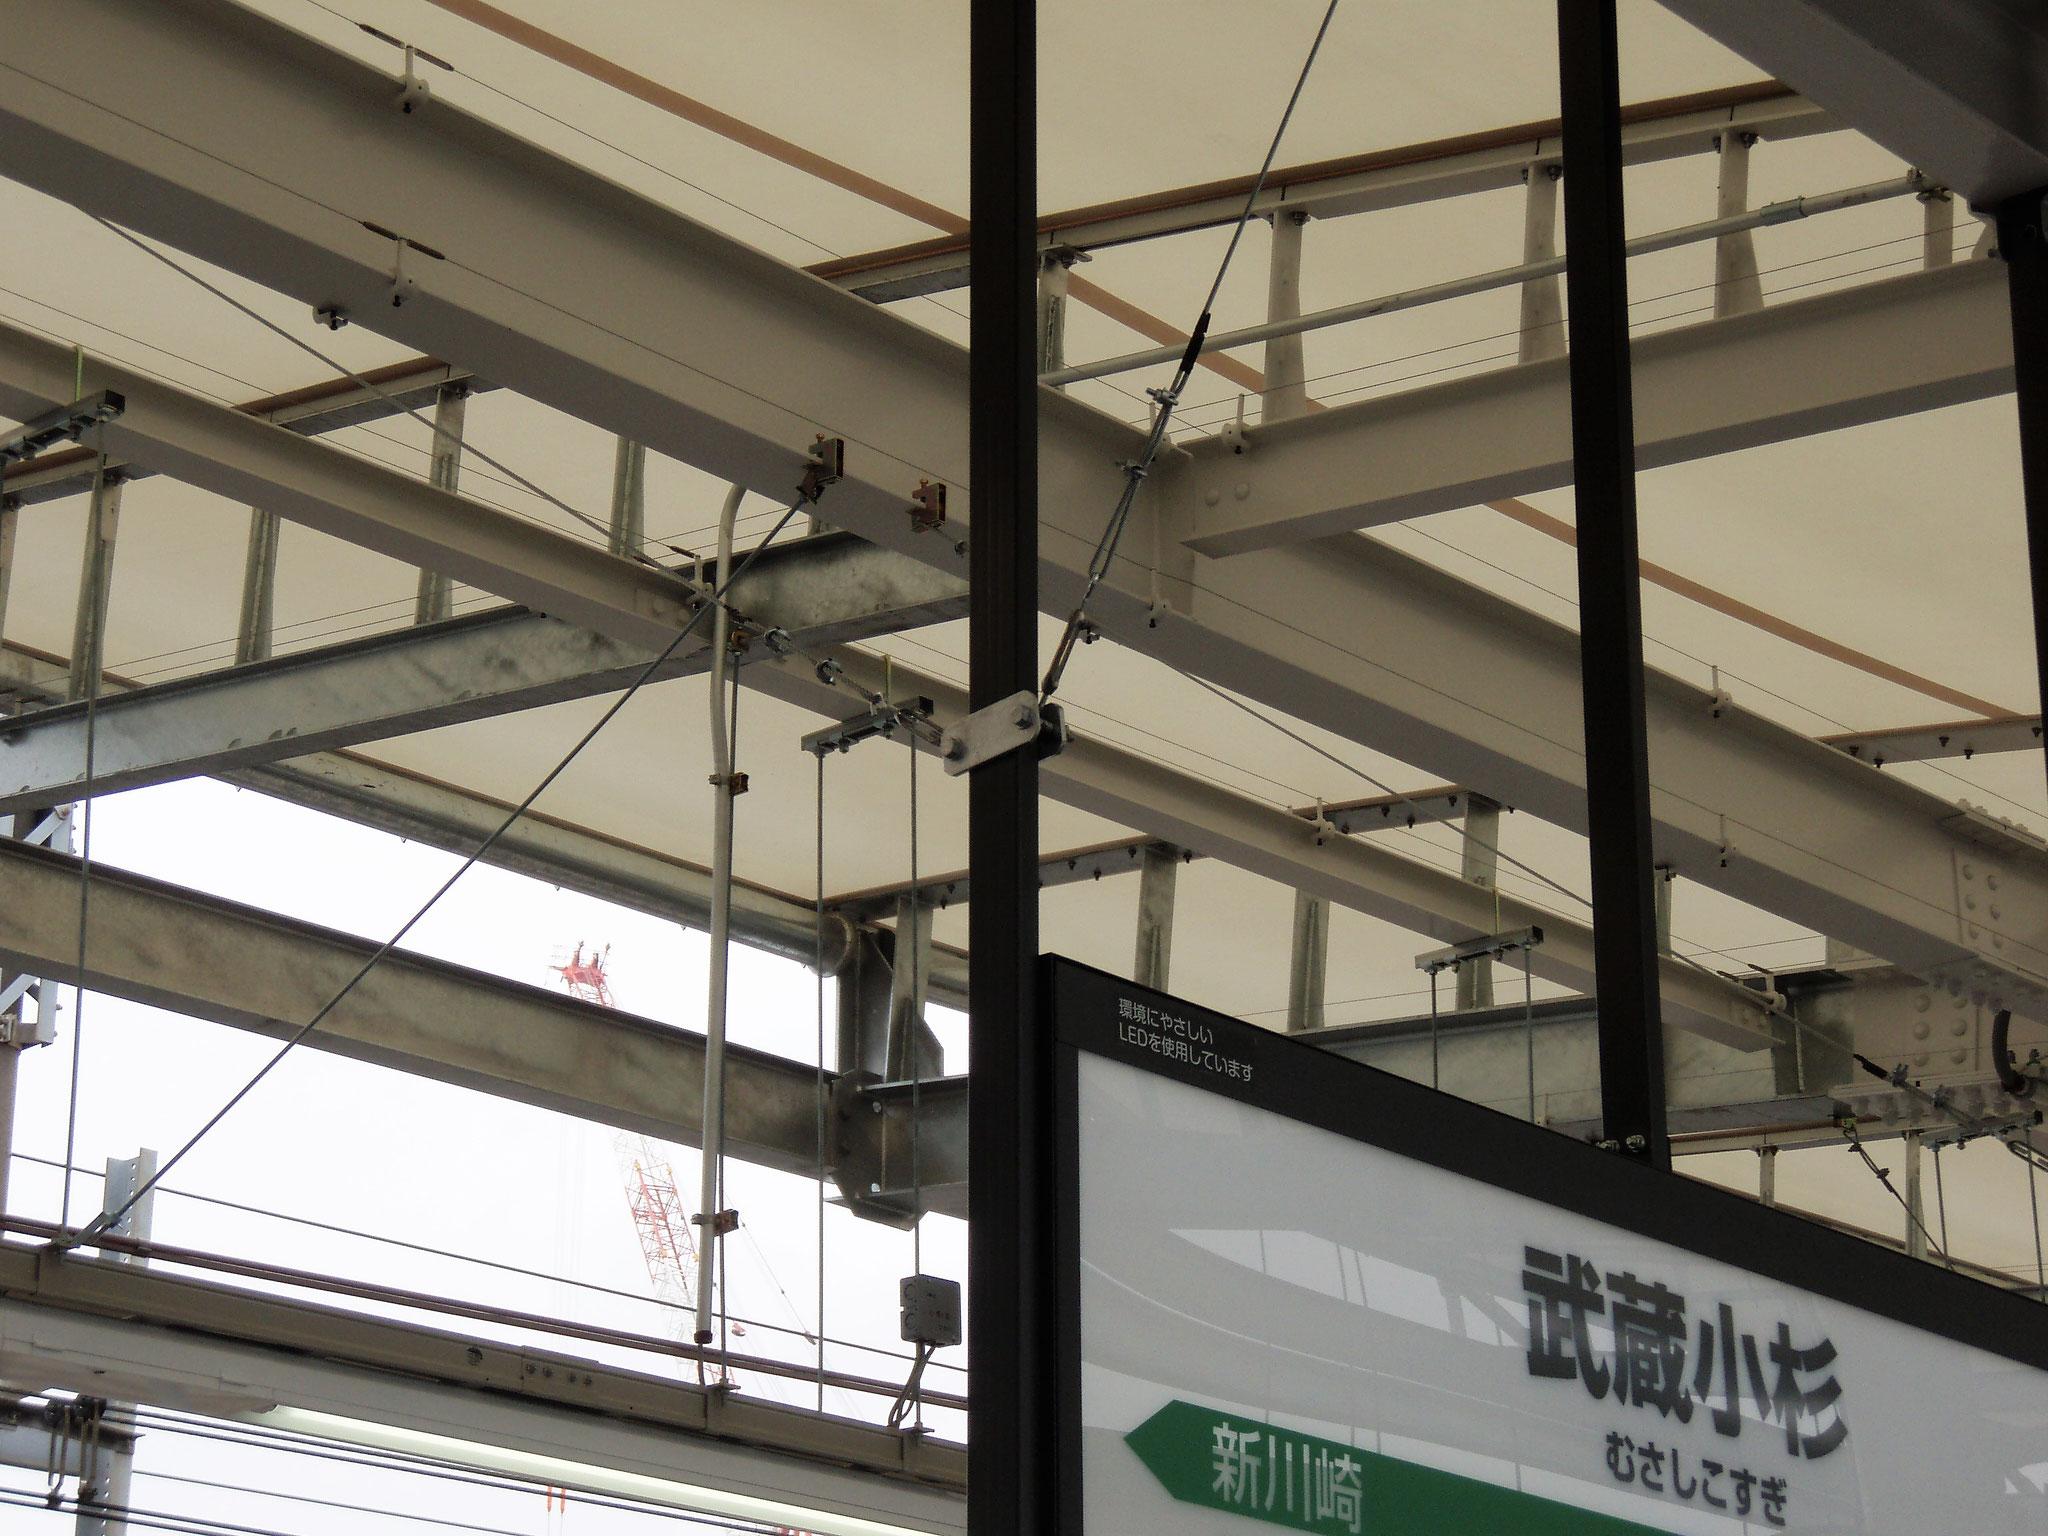 JR 武蔵小杉駅 / 神奈川県川崎市/2009.12.24